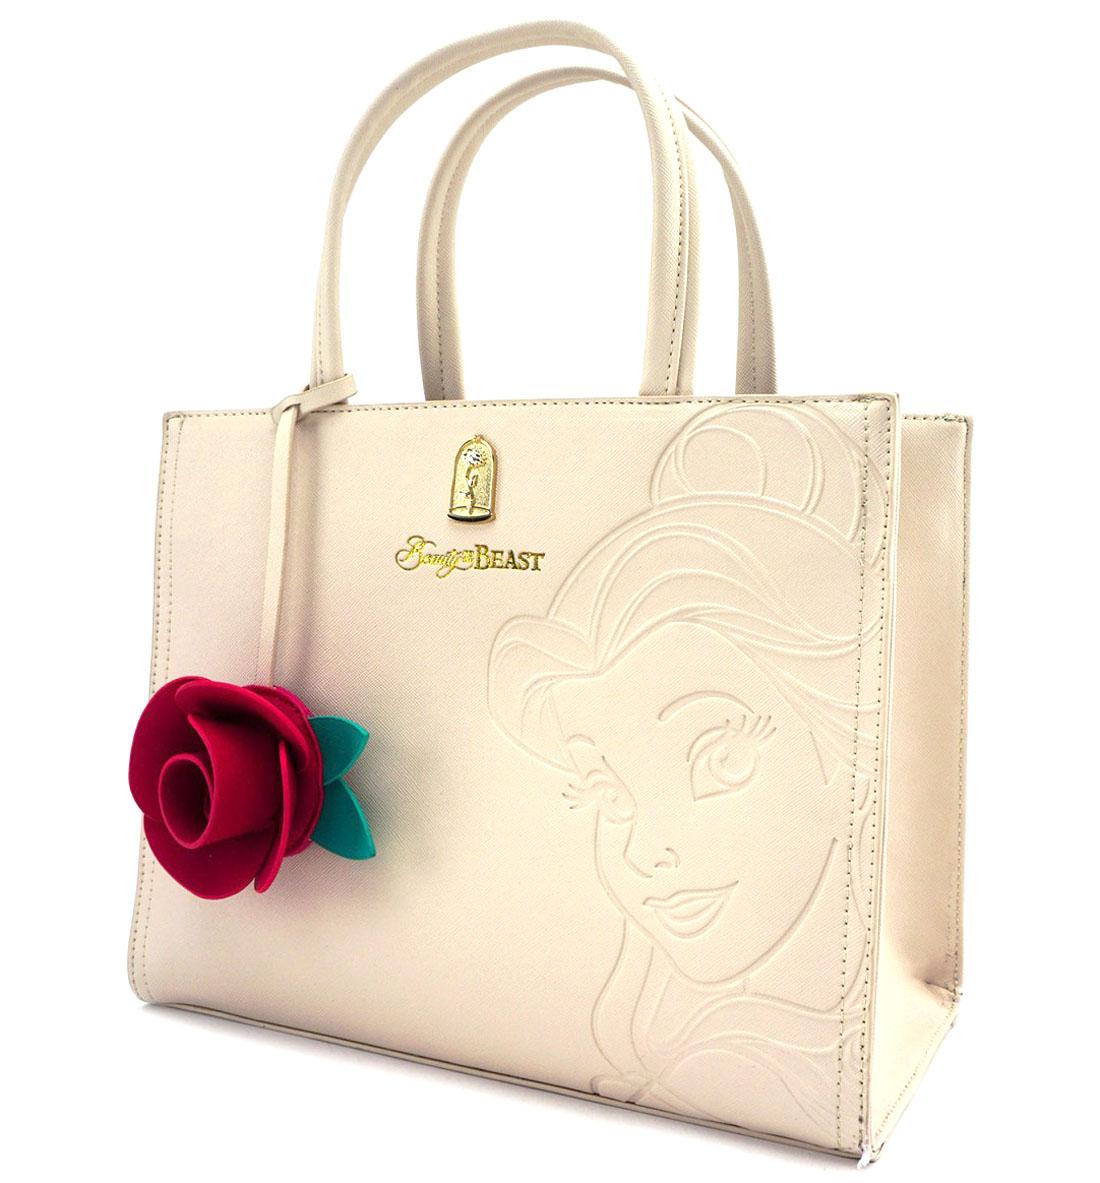 ラウンジフライ(Loungefly)美女と野獣ベル&2Wayショルダーバッグ/ハンドバッグ/Disney Belle Embossed Tote Bag【あす楽対応_関東】【Disneyzone】